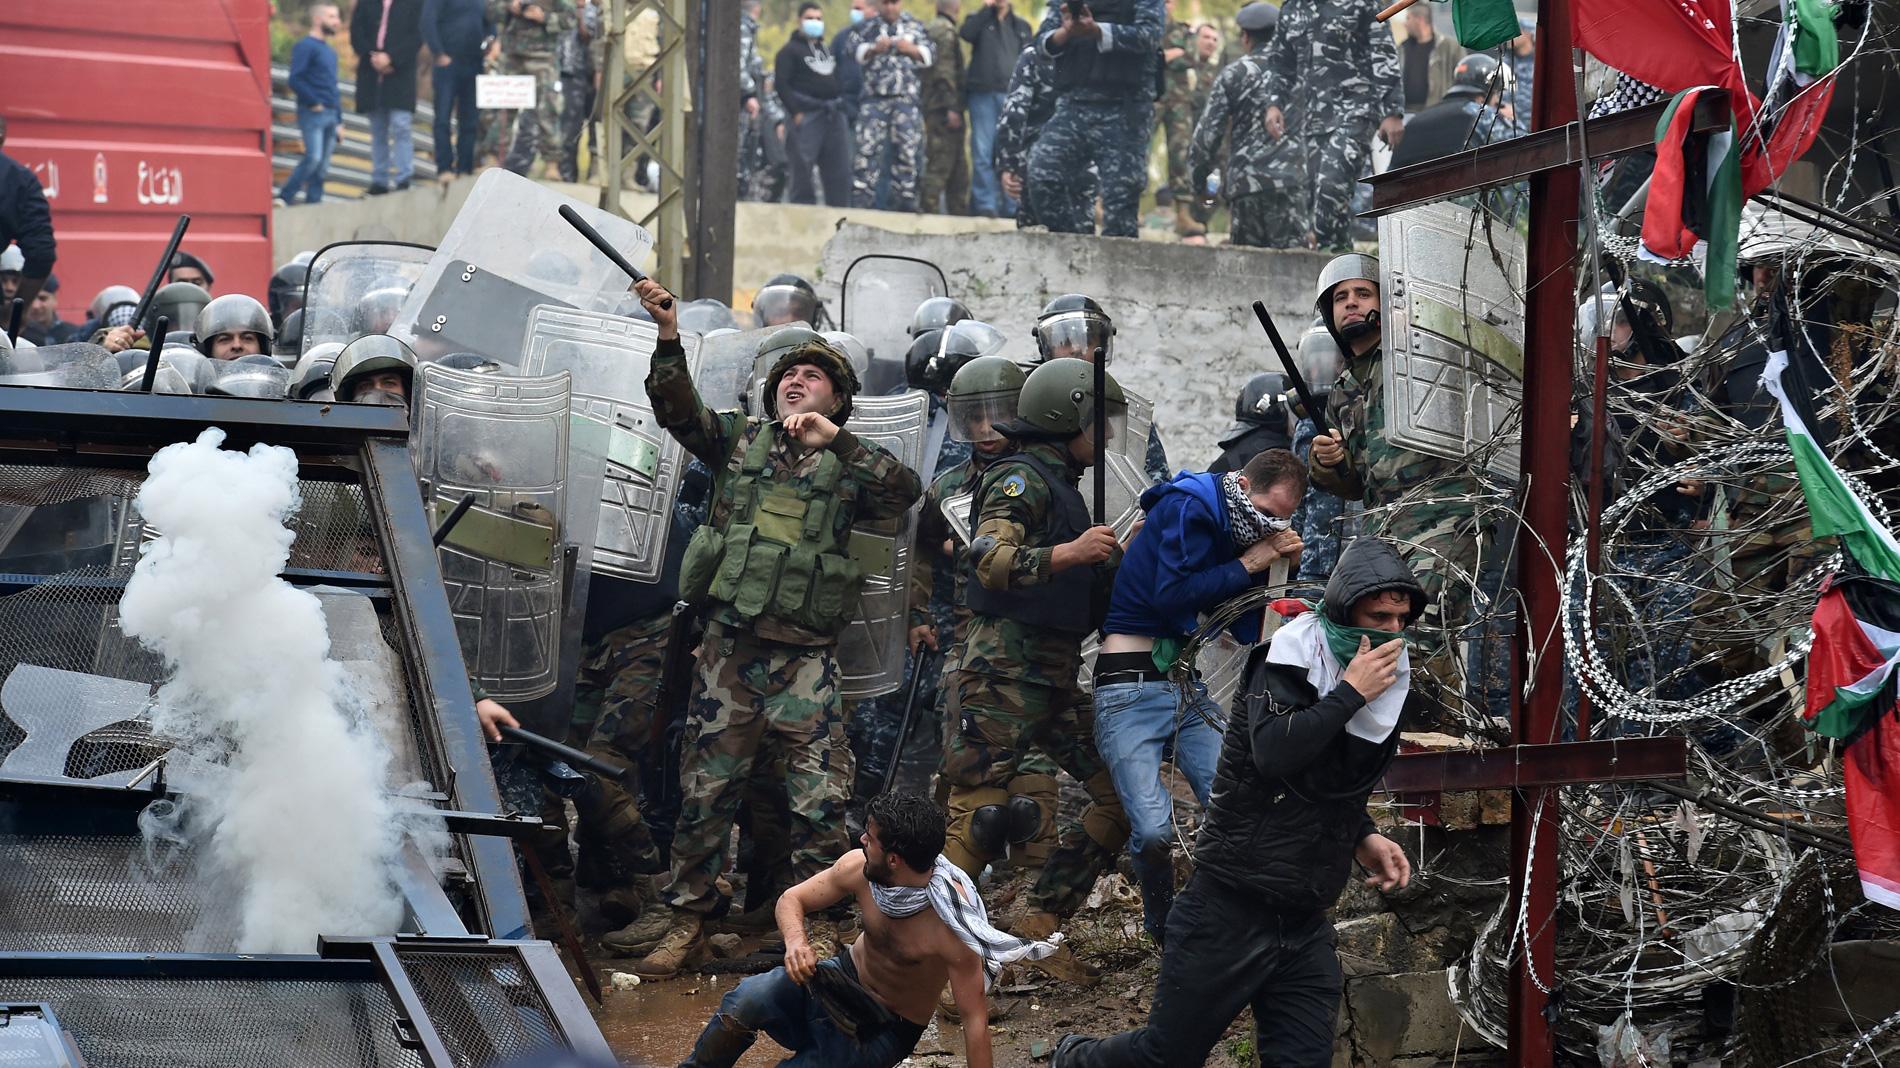 Violentas protestas cerca de la embajada de Estados Unidos en Beirut (Líbano)